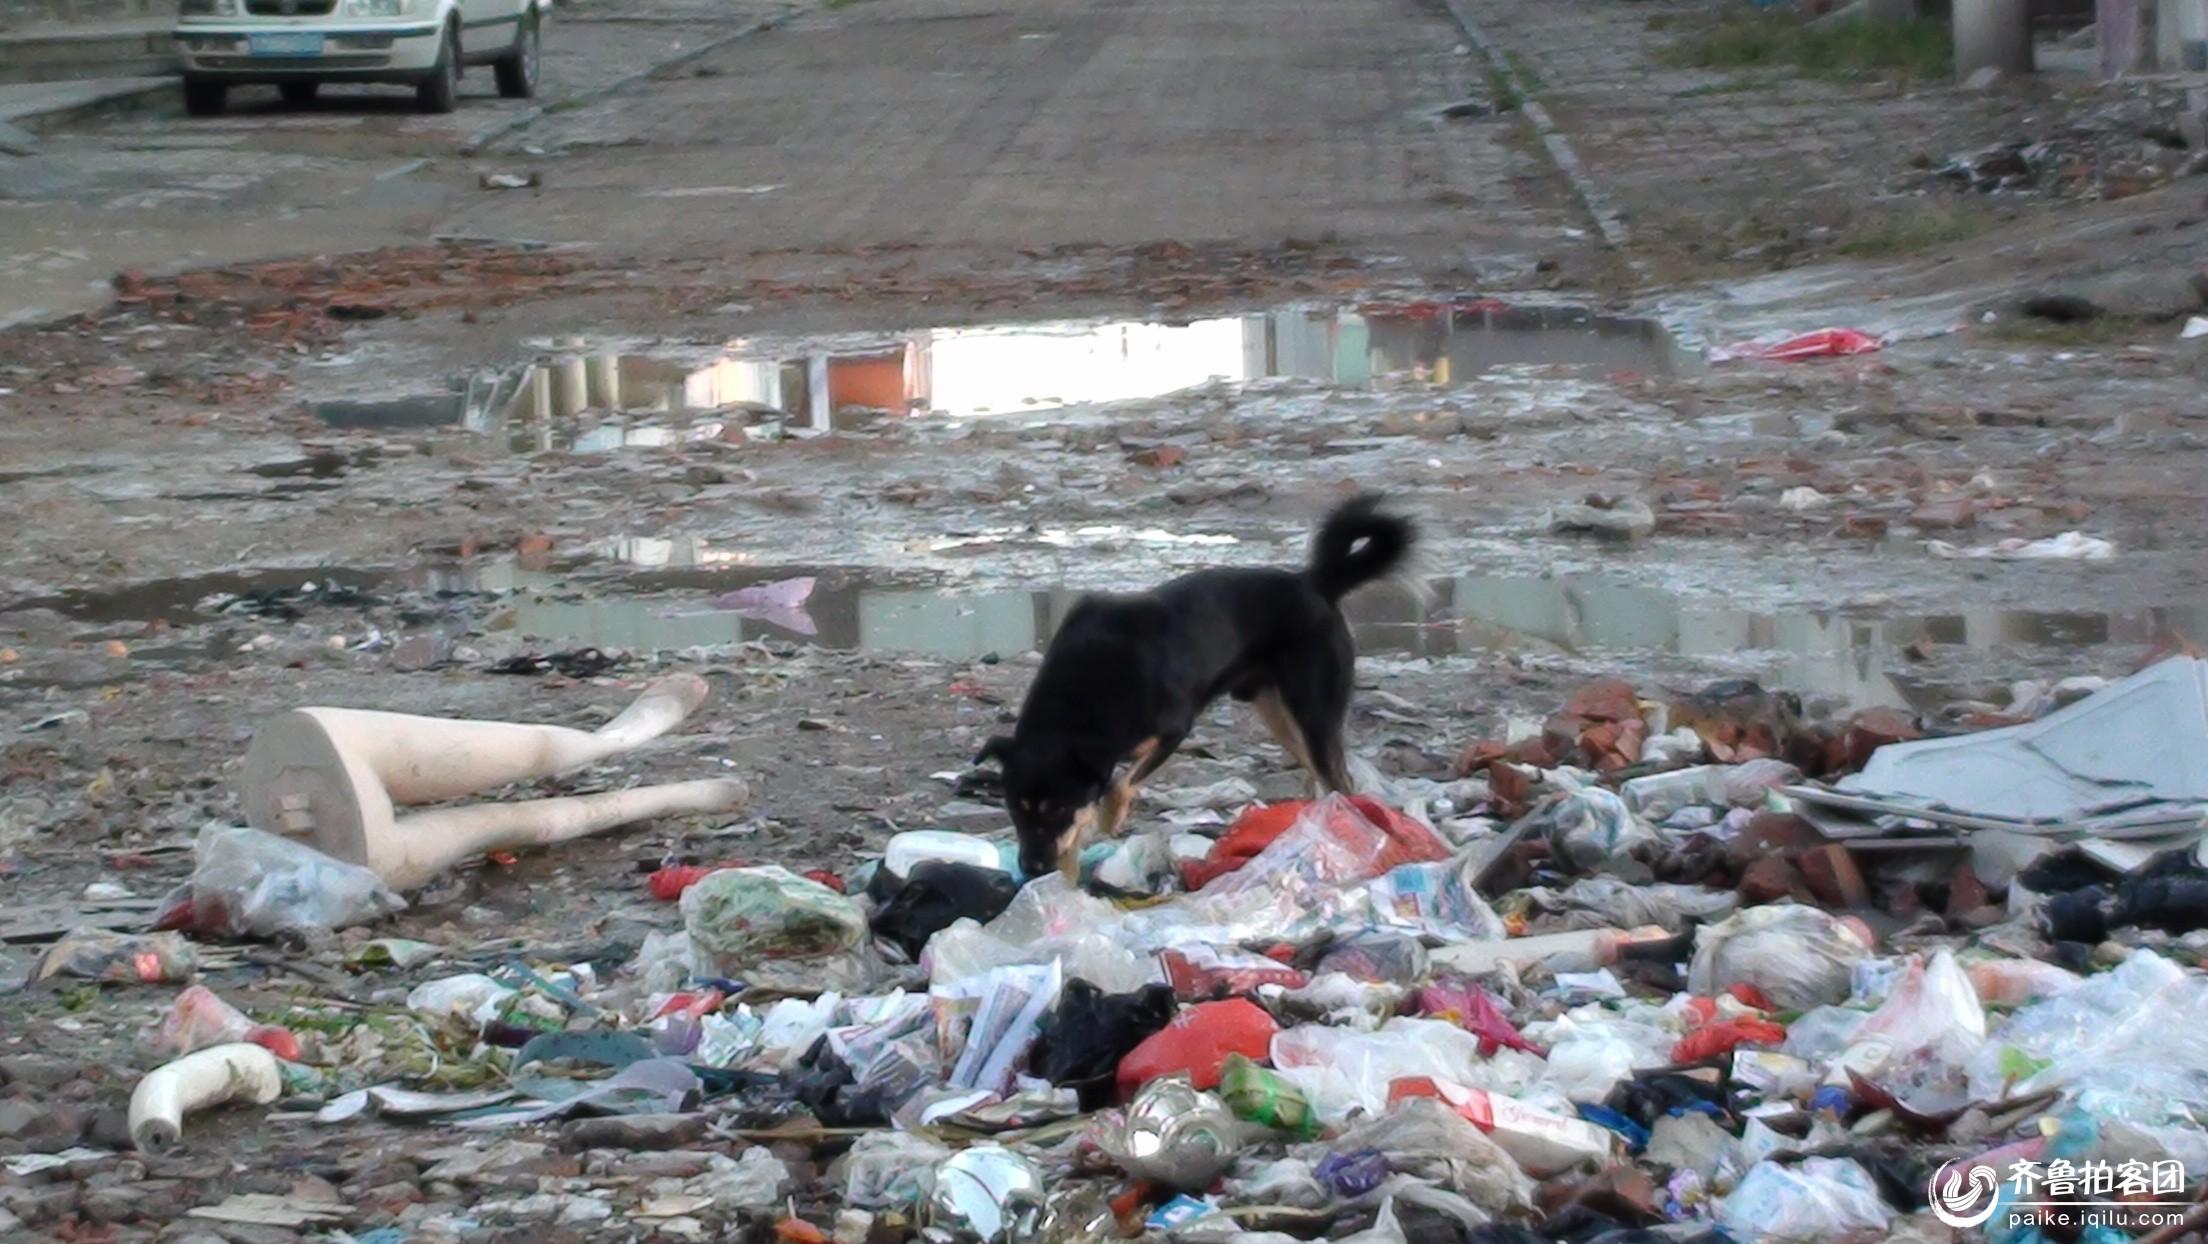 大寺商场内i垃圾成堆 现场留下模特大腿